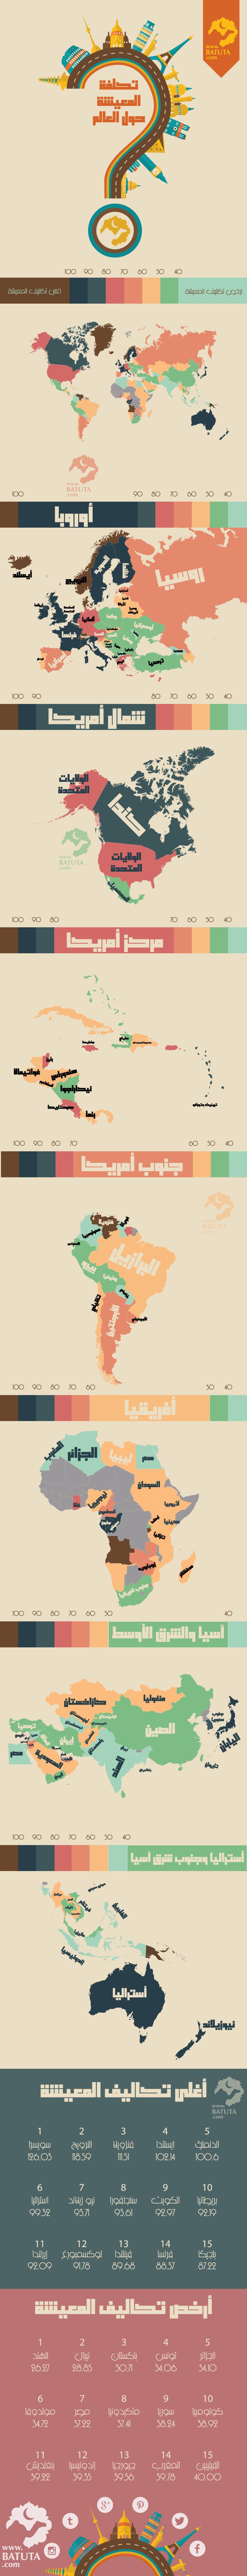 #انفوجرافيك تكلفة المعيشة في جميع أنحاء العالم